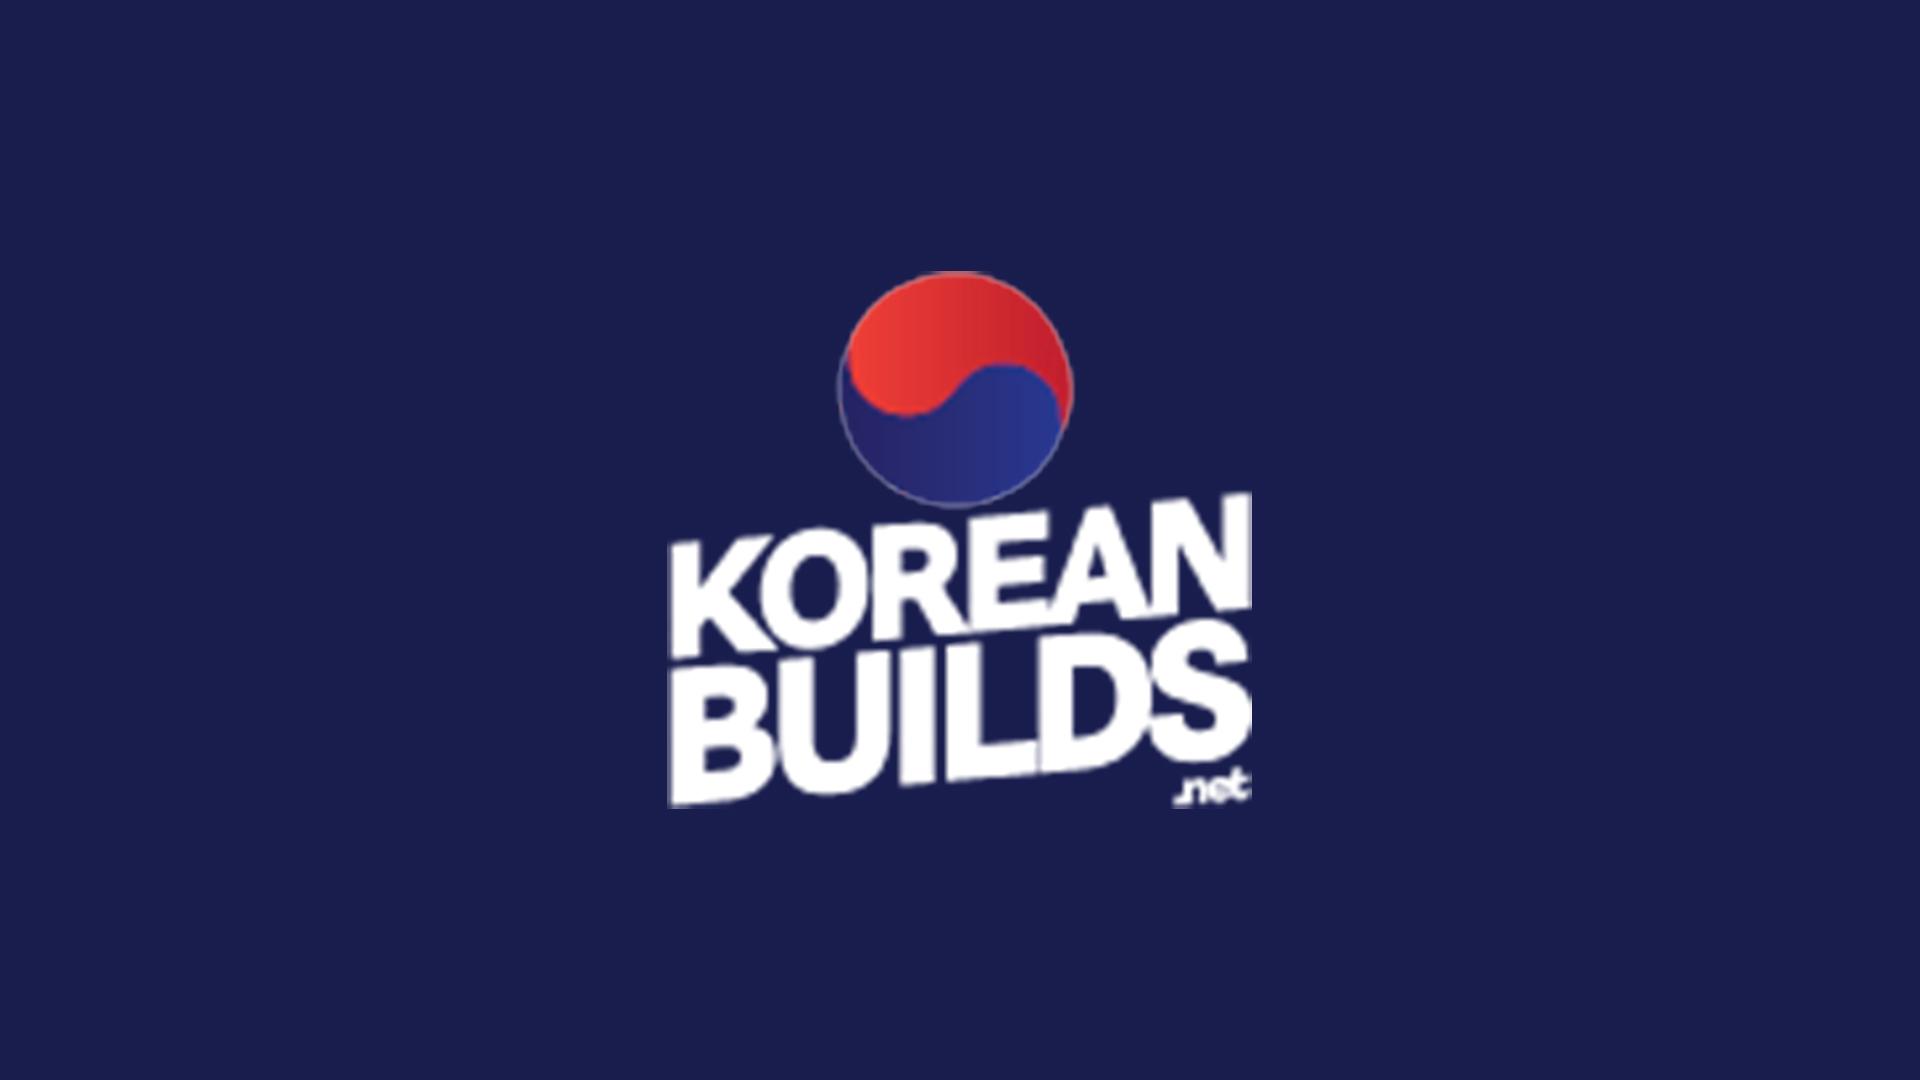 Koreanbuilds-logo